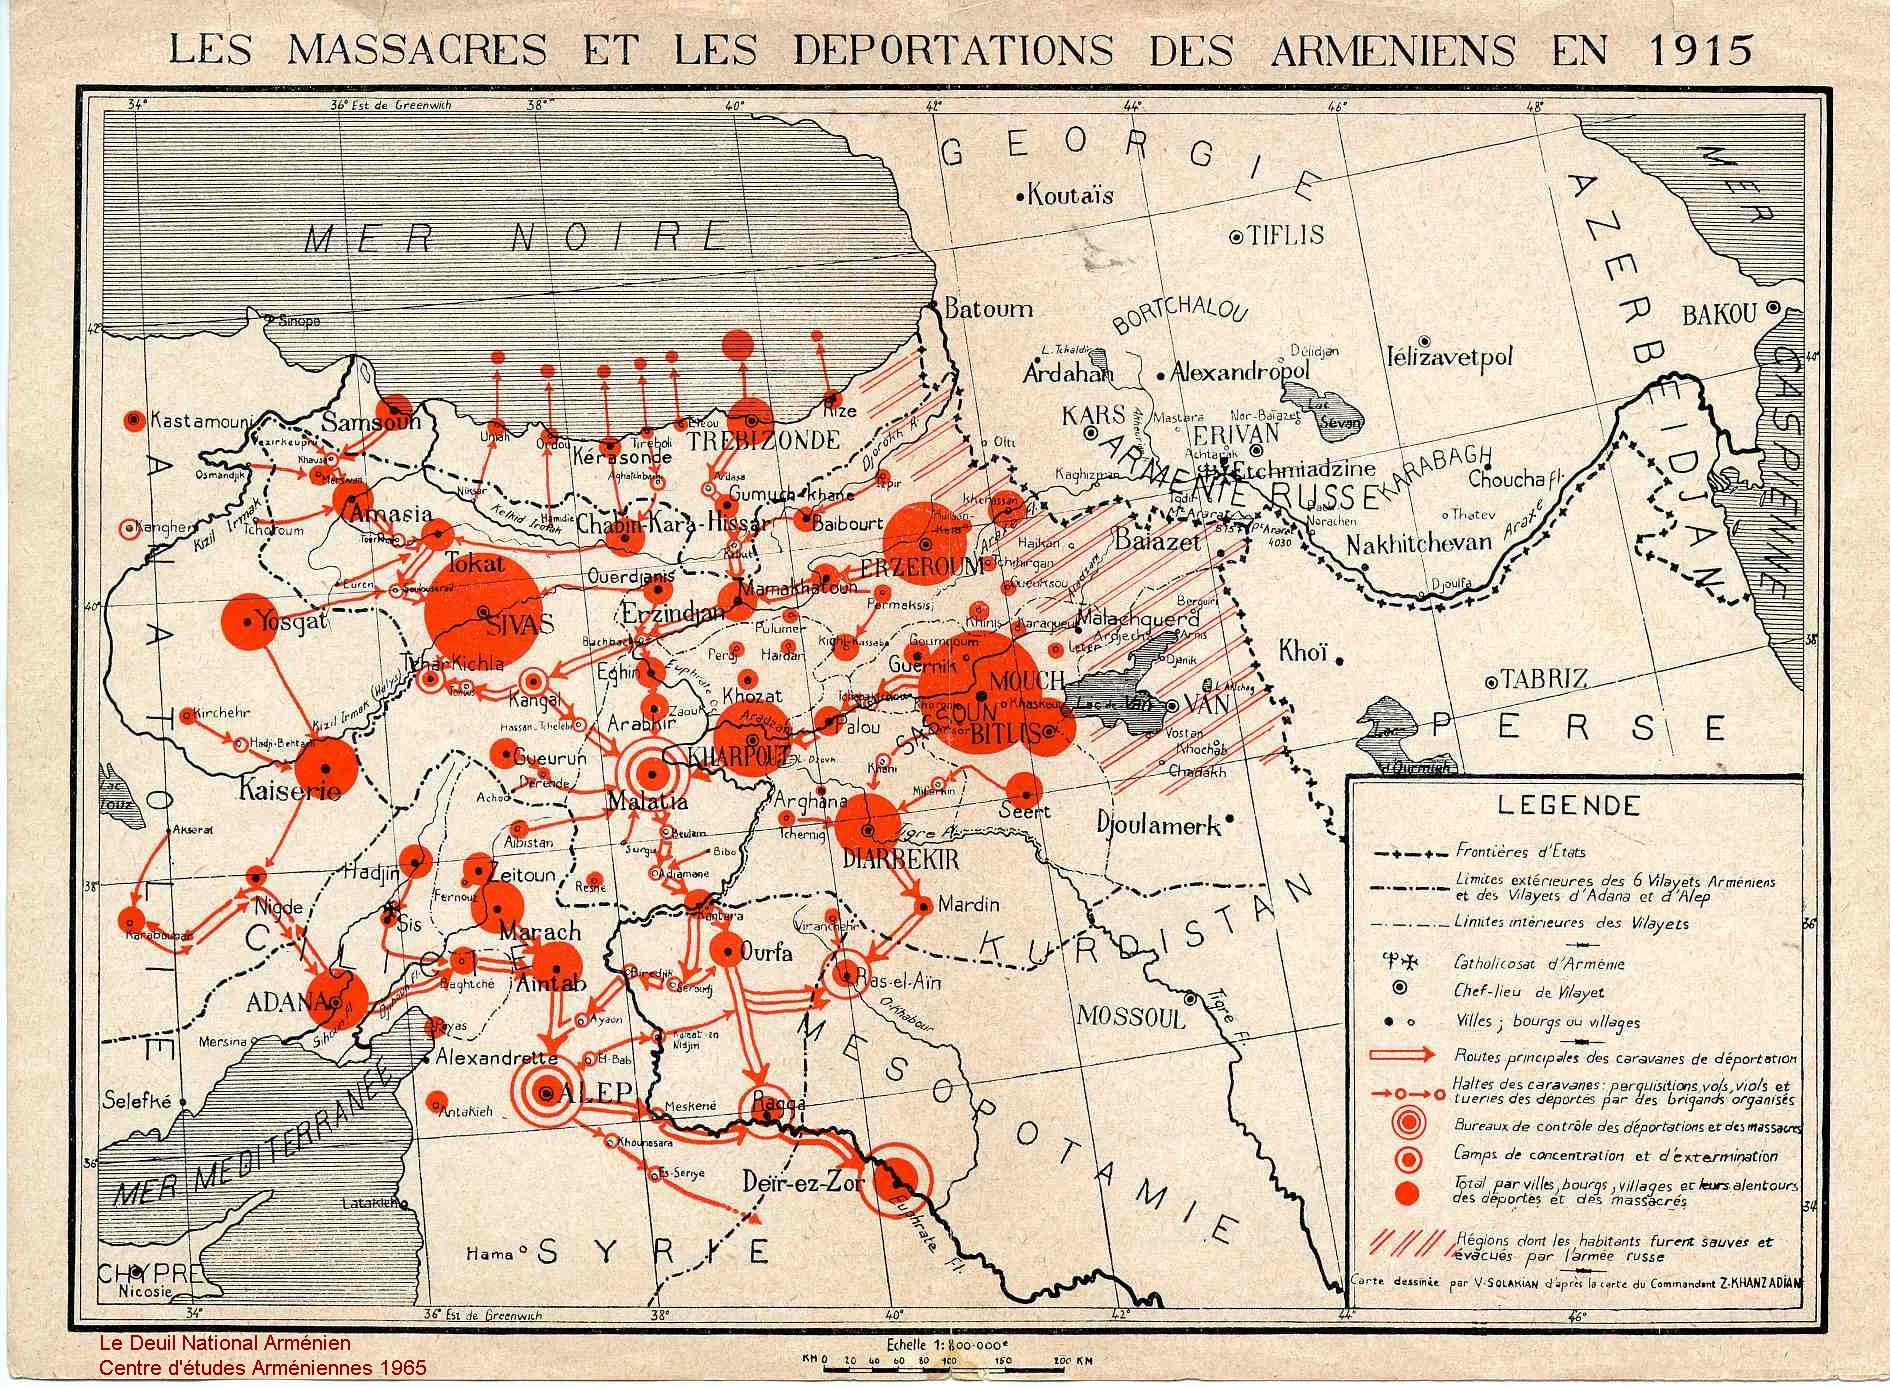 Cartographie des massacres et déportation des arméniens en 1915